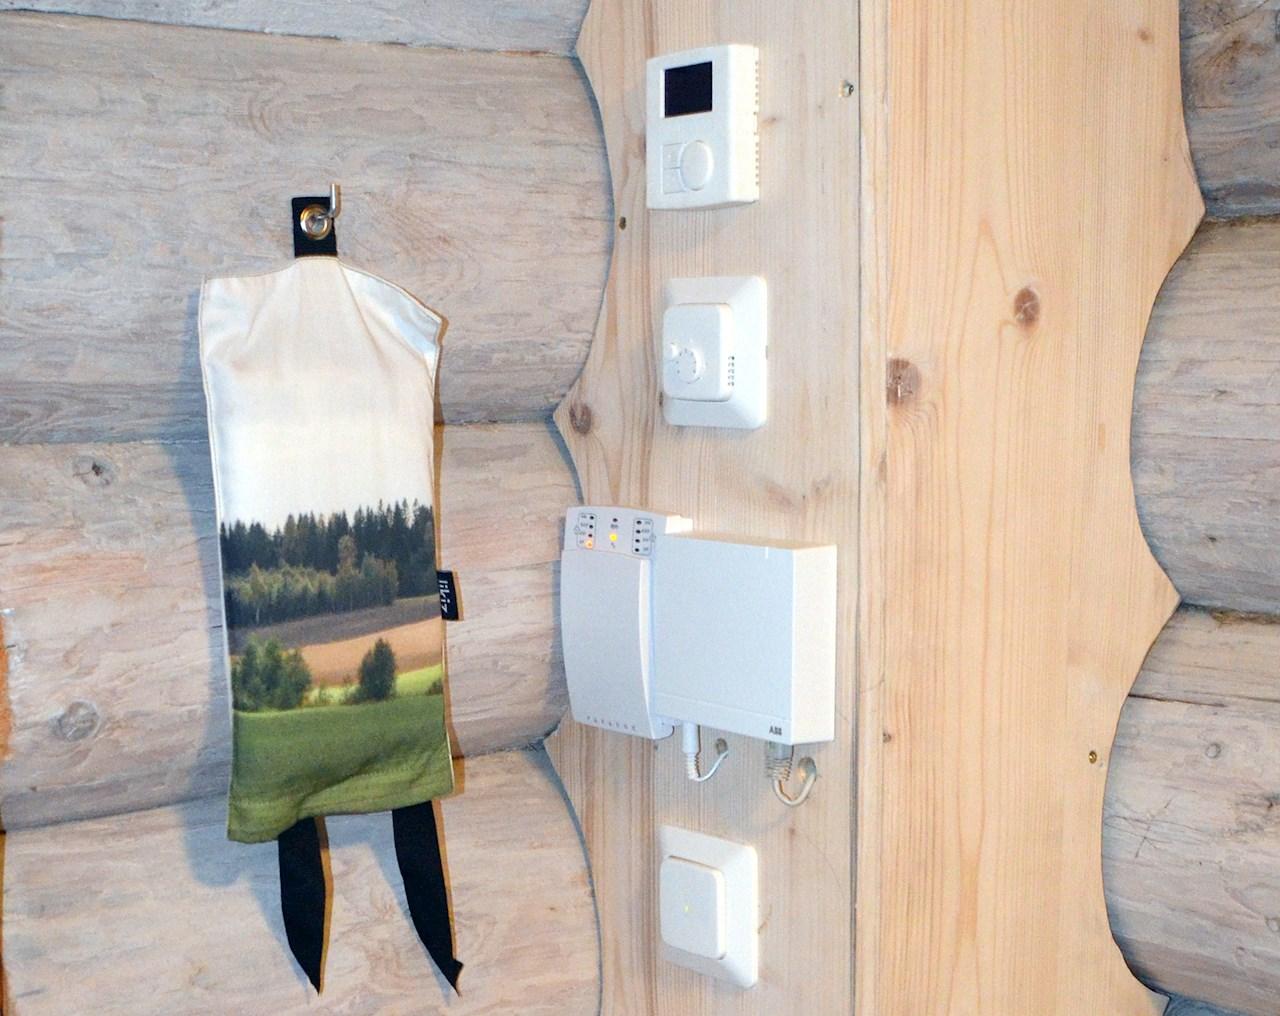 Free@home-järjestelmän avulla voi etäohjata Viron loma-asuntoa Suomen kodista käsin.